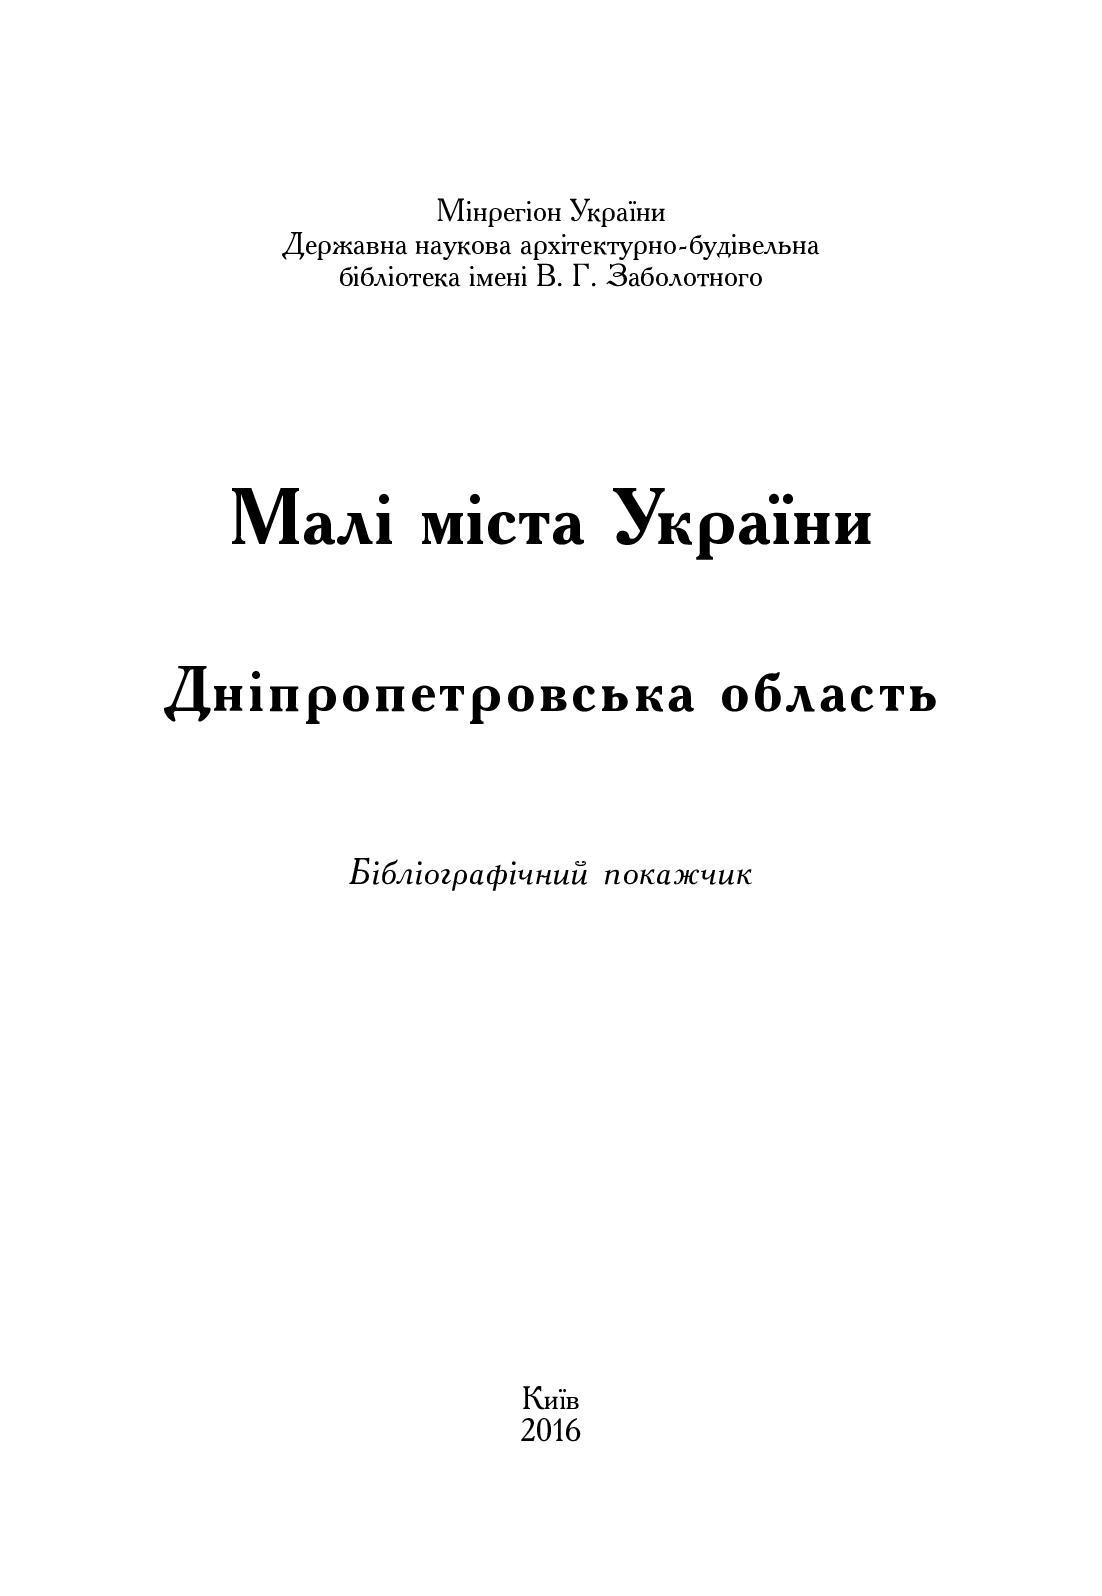 Дніпропетровськ область 16 01 2017